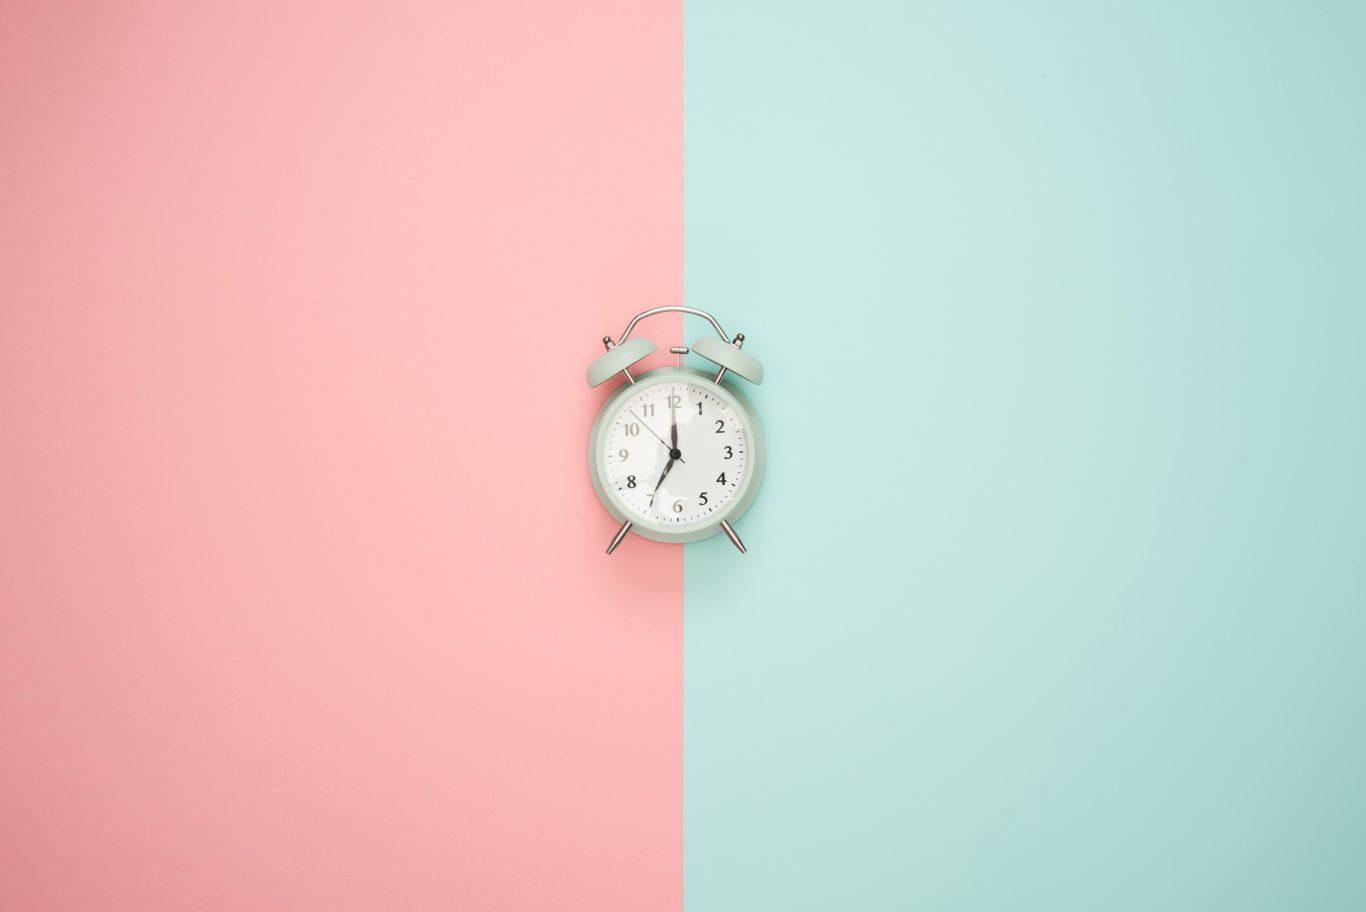 Zeit haben: Wecker auf Hintergrund rose und türkis